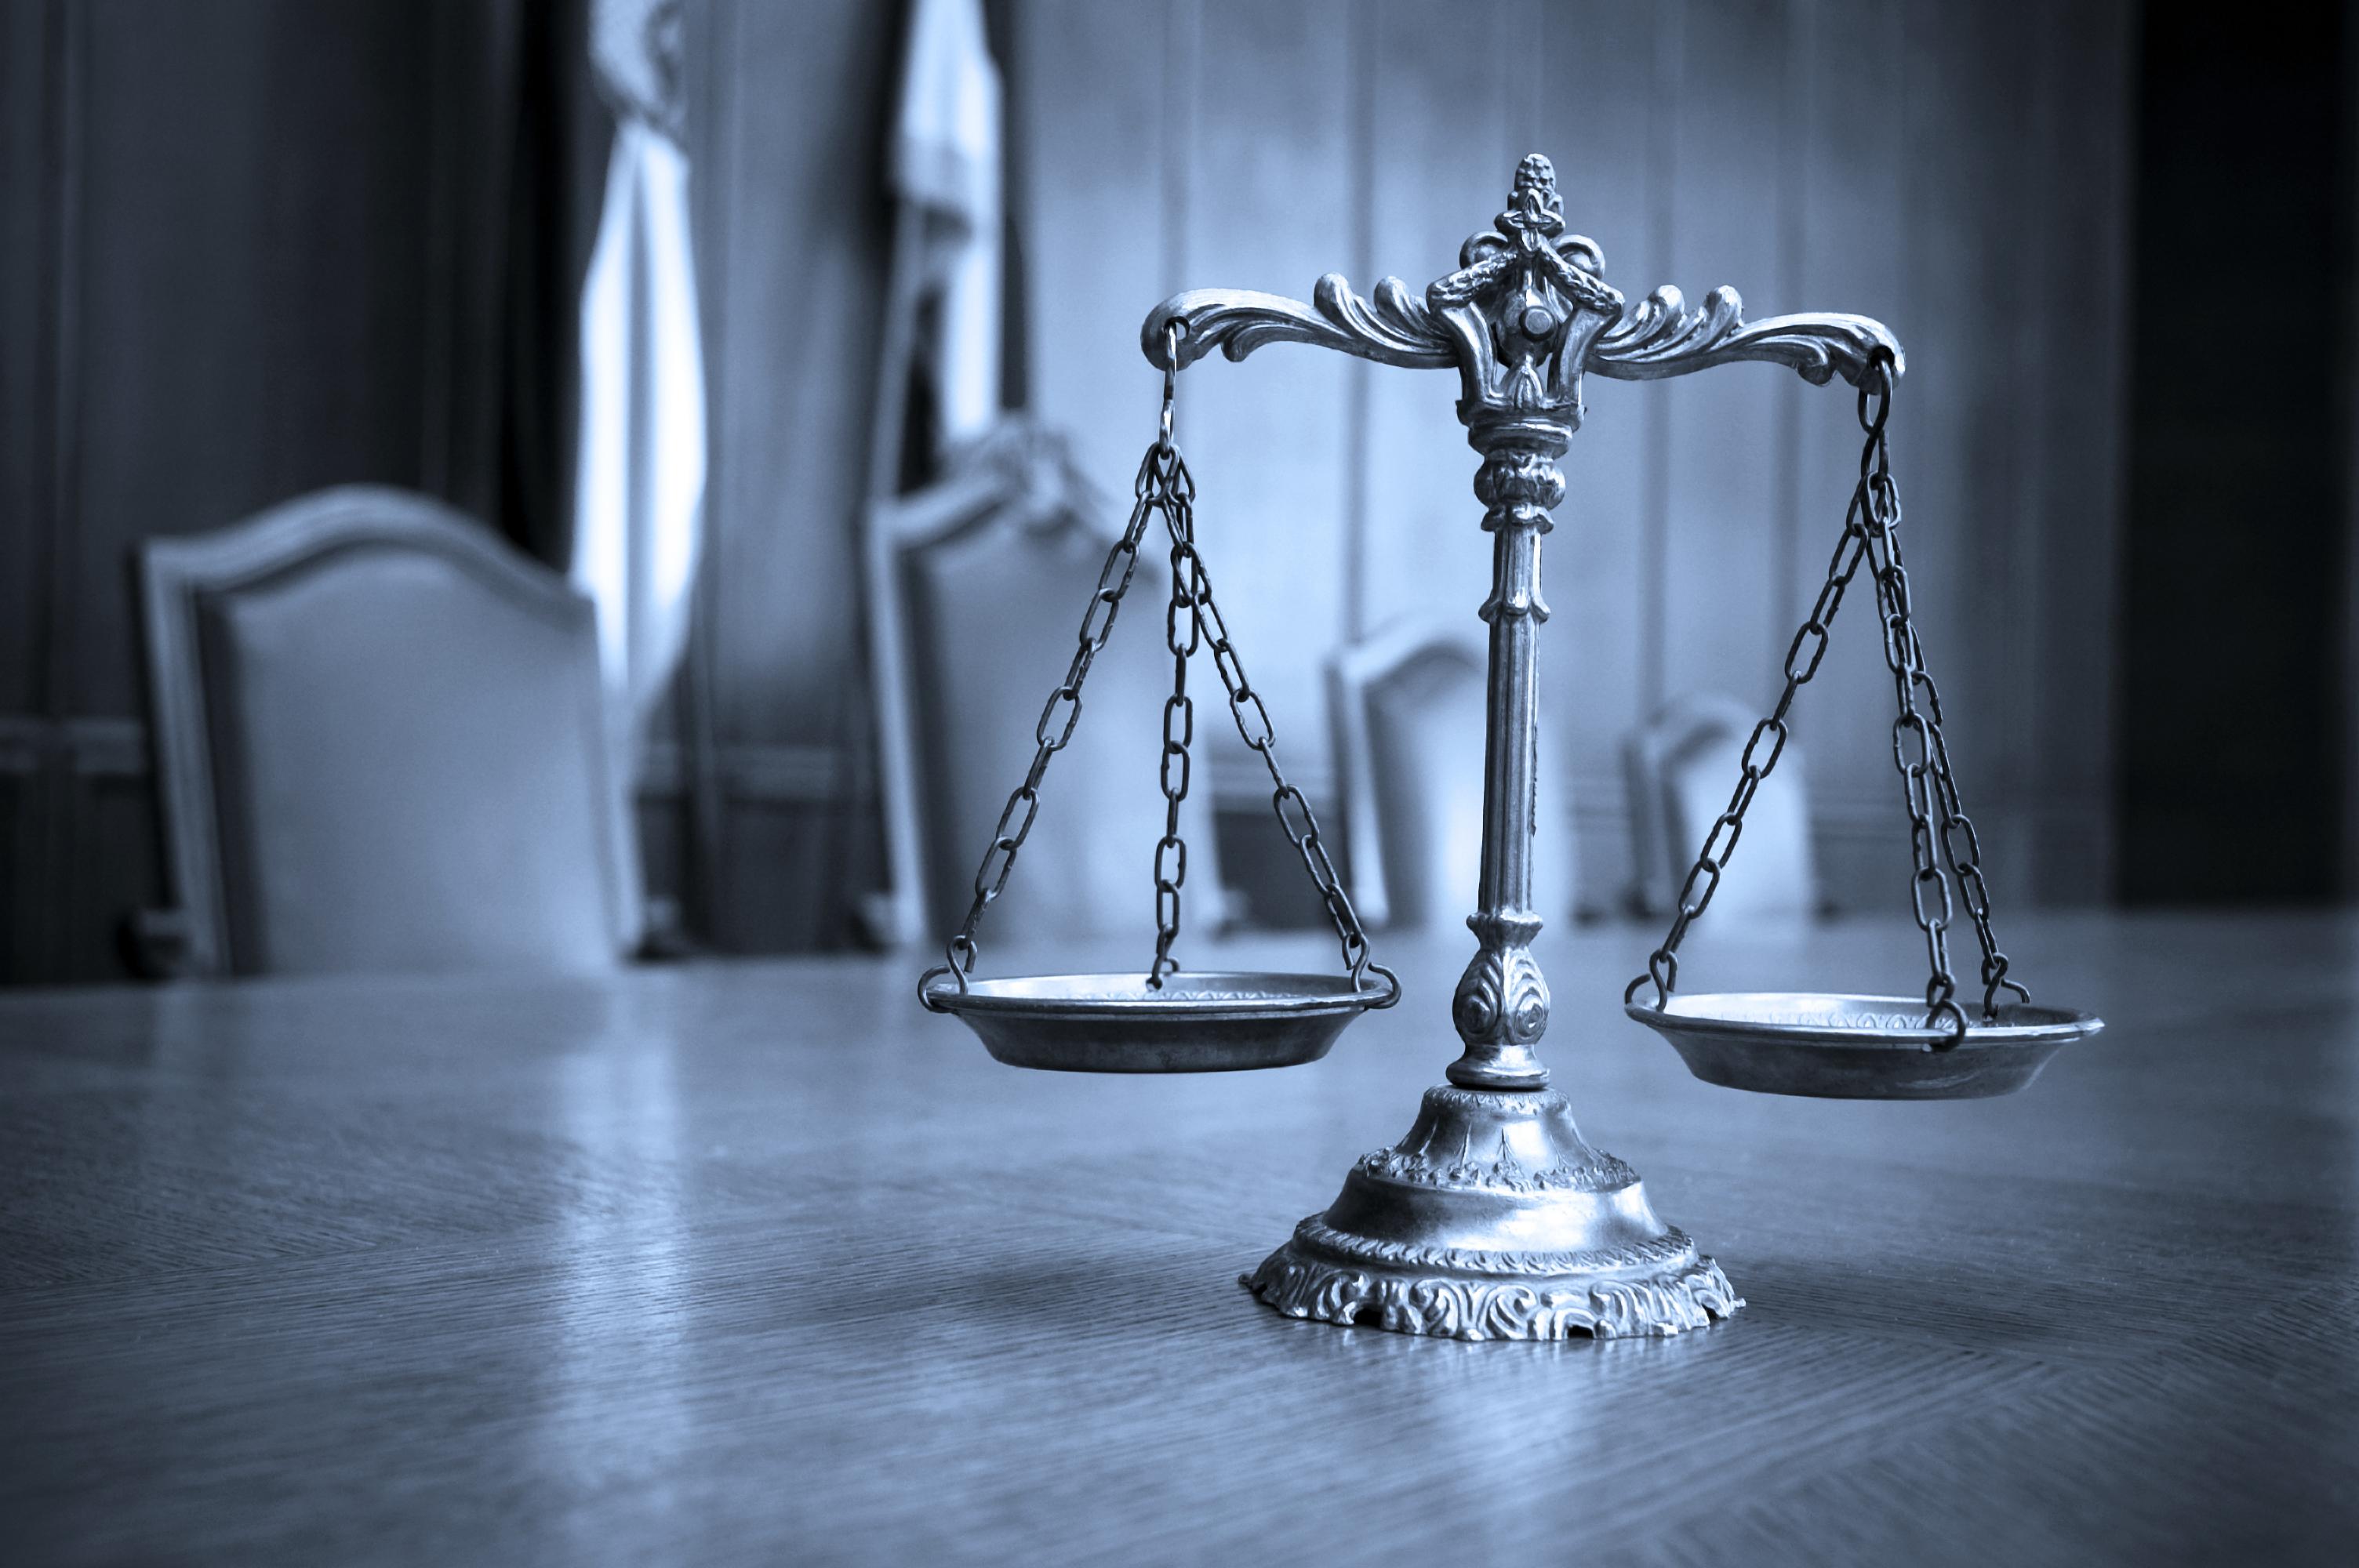 Tribunal impede transferência de imóvel pertencente a empresa em recuperação judicial